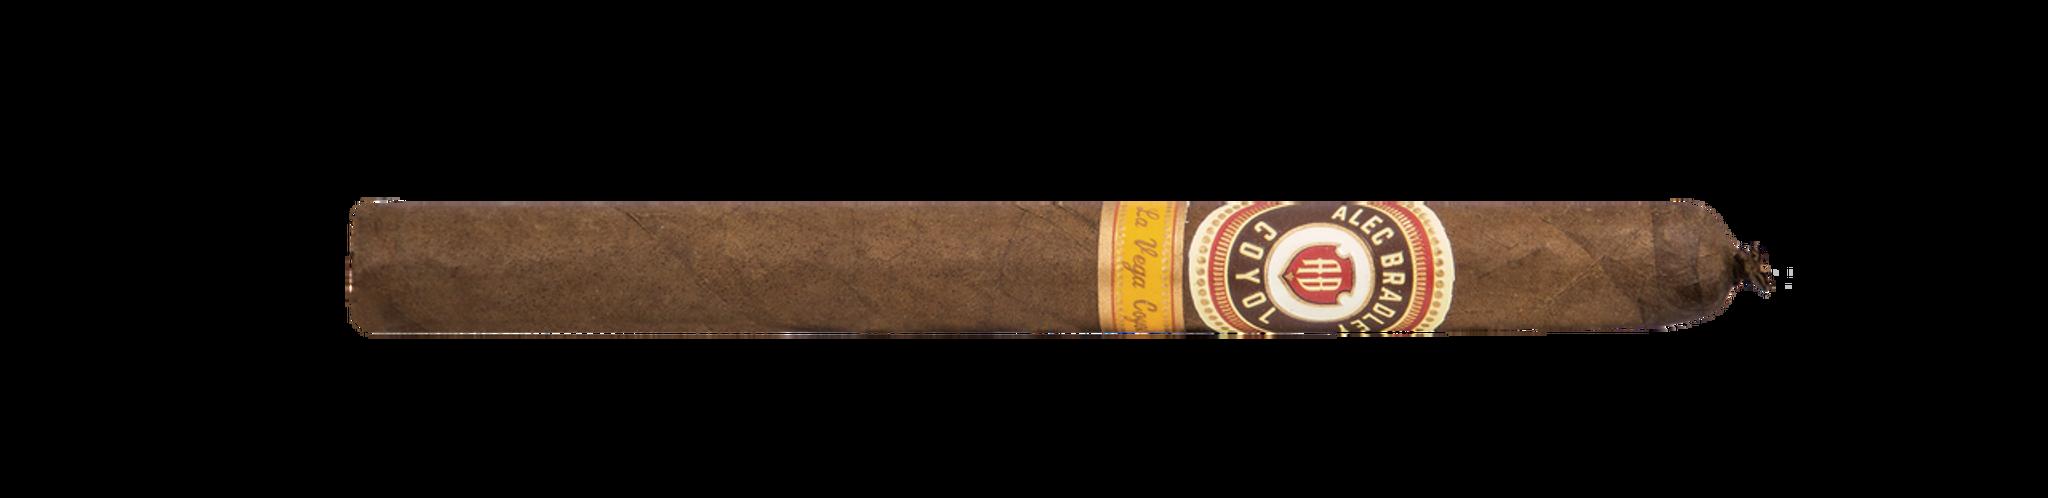 Shop Now Alec Bradley Coyol Petit Lancero Cigars - Natural Box of 20 --> Singles at $5.79, 5 Packs at $33.50, Boxes at $124.5